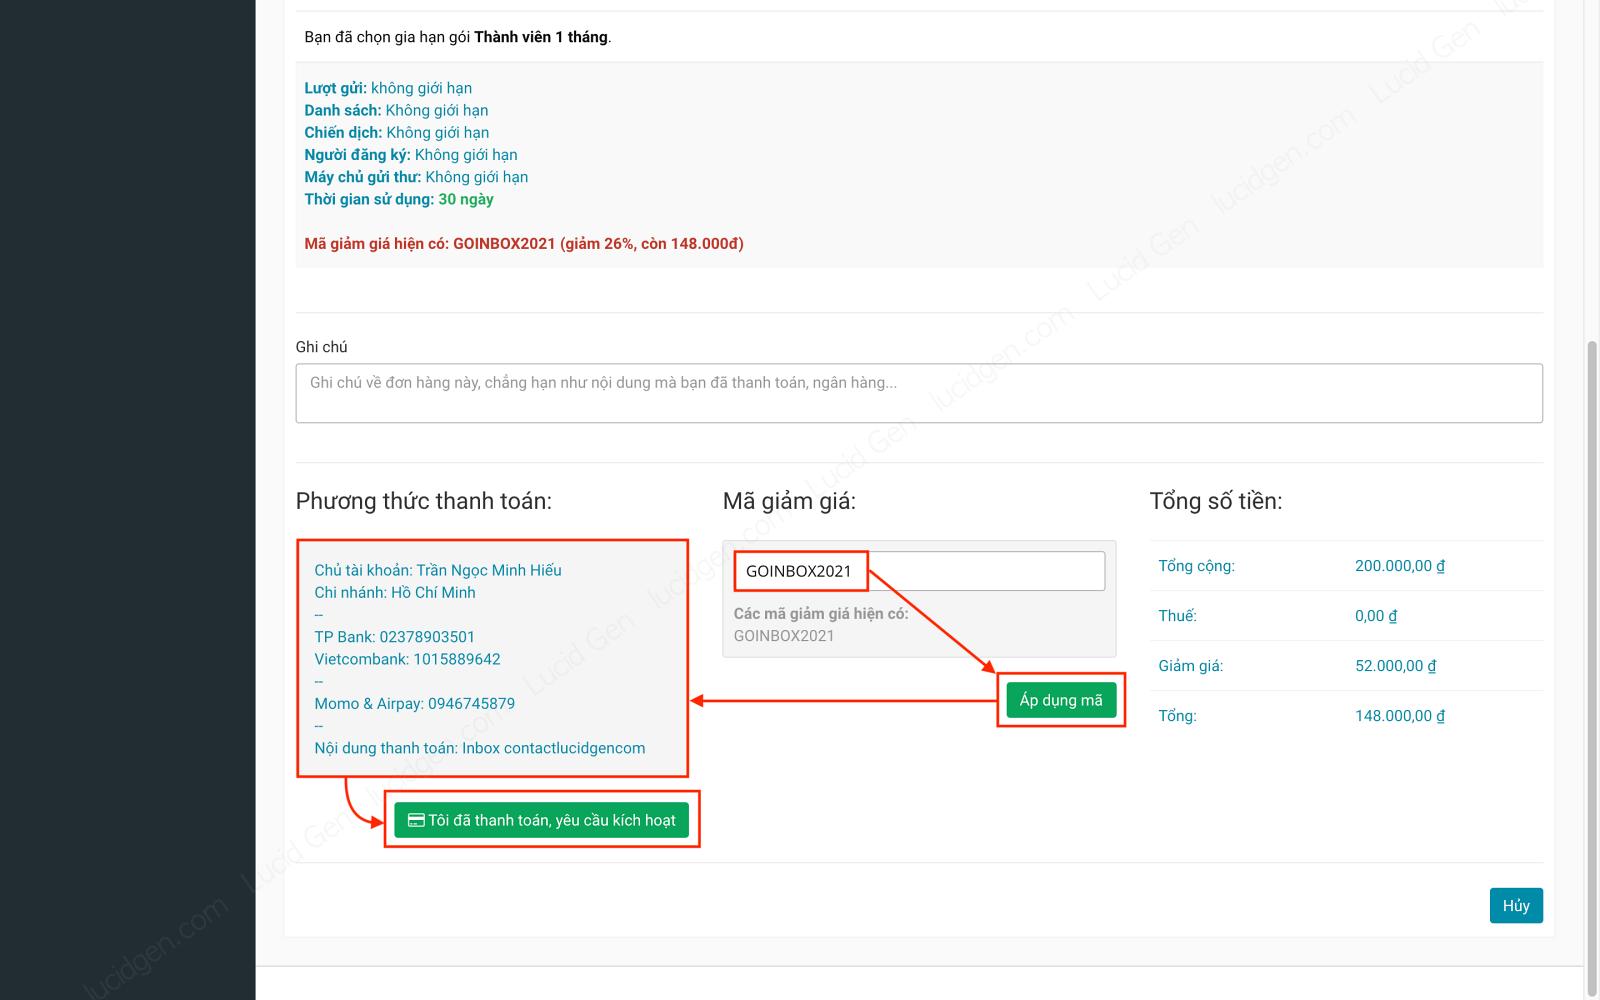 Phần mềm email marketing - Gửi mail hàng loạt vào hộp thư chính - Áp dụng mã giảm giá > Chuyển khoản theo hướng dẫn > Nhấp vào nút Tôi đã thanh toán, yêu cầu kích hoạt